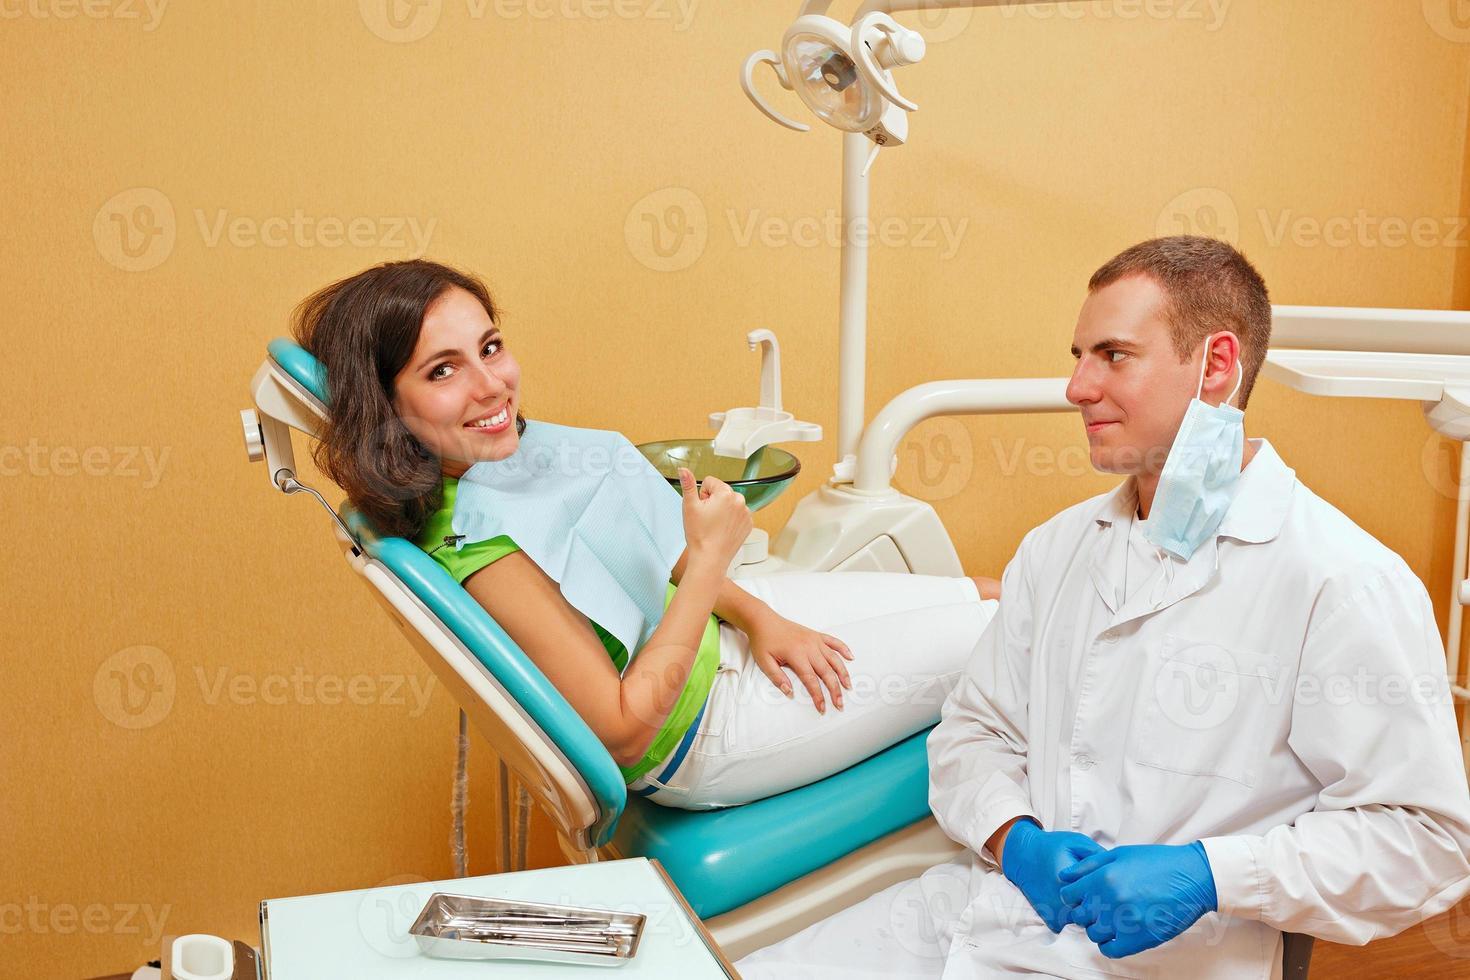 meisje op onderzoek bij de tandarts foto